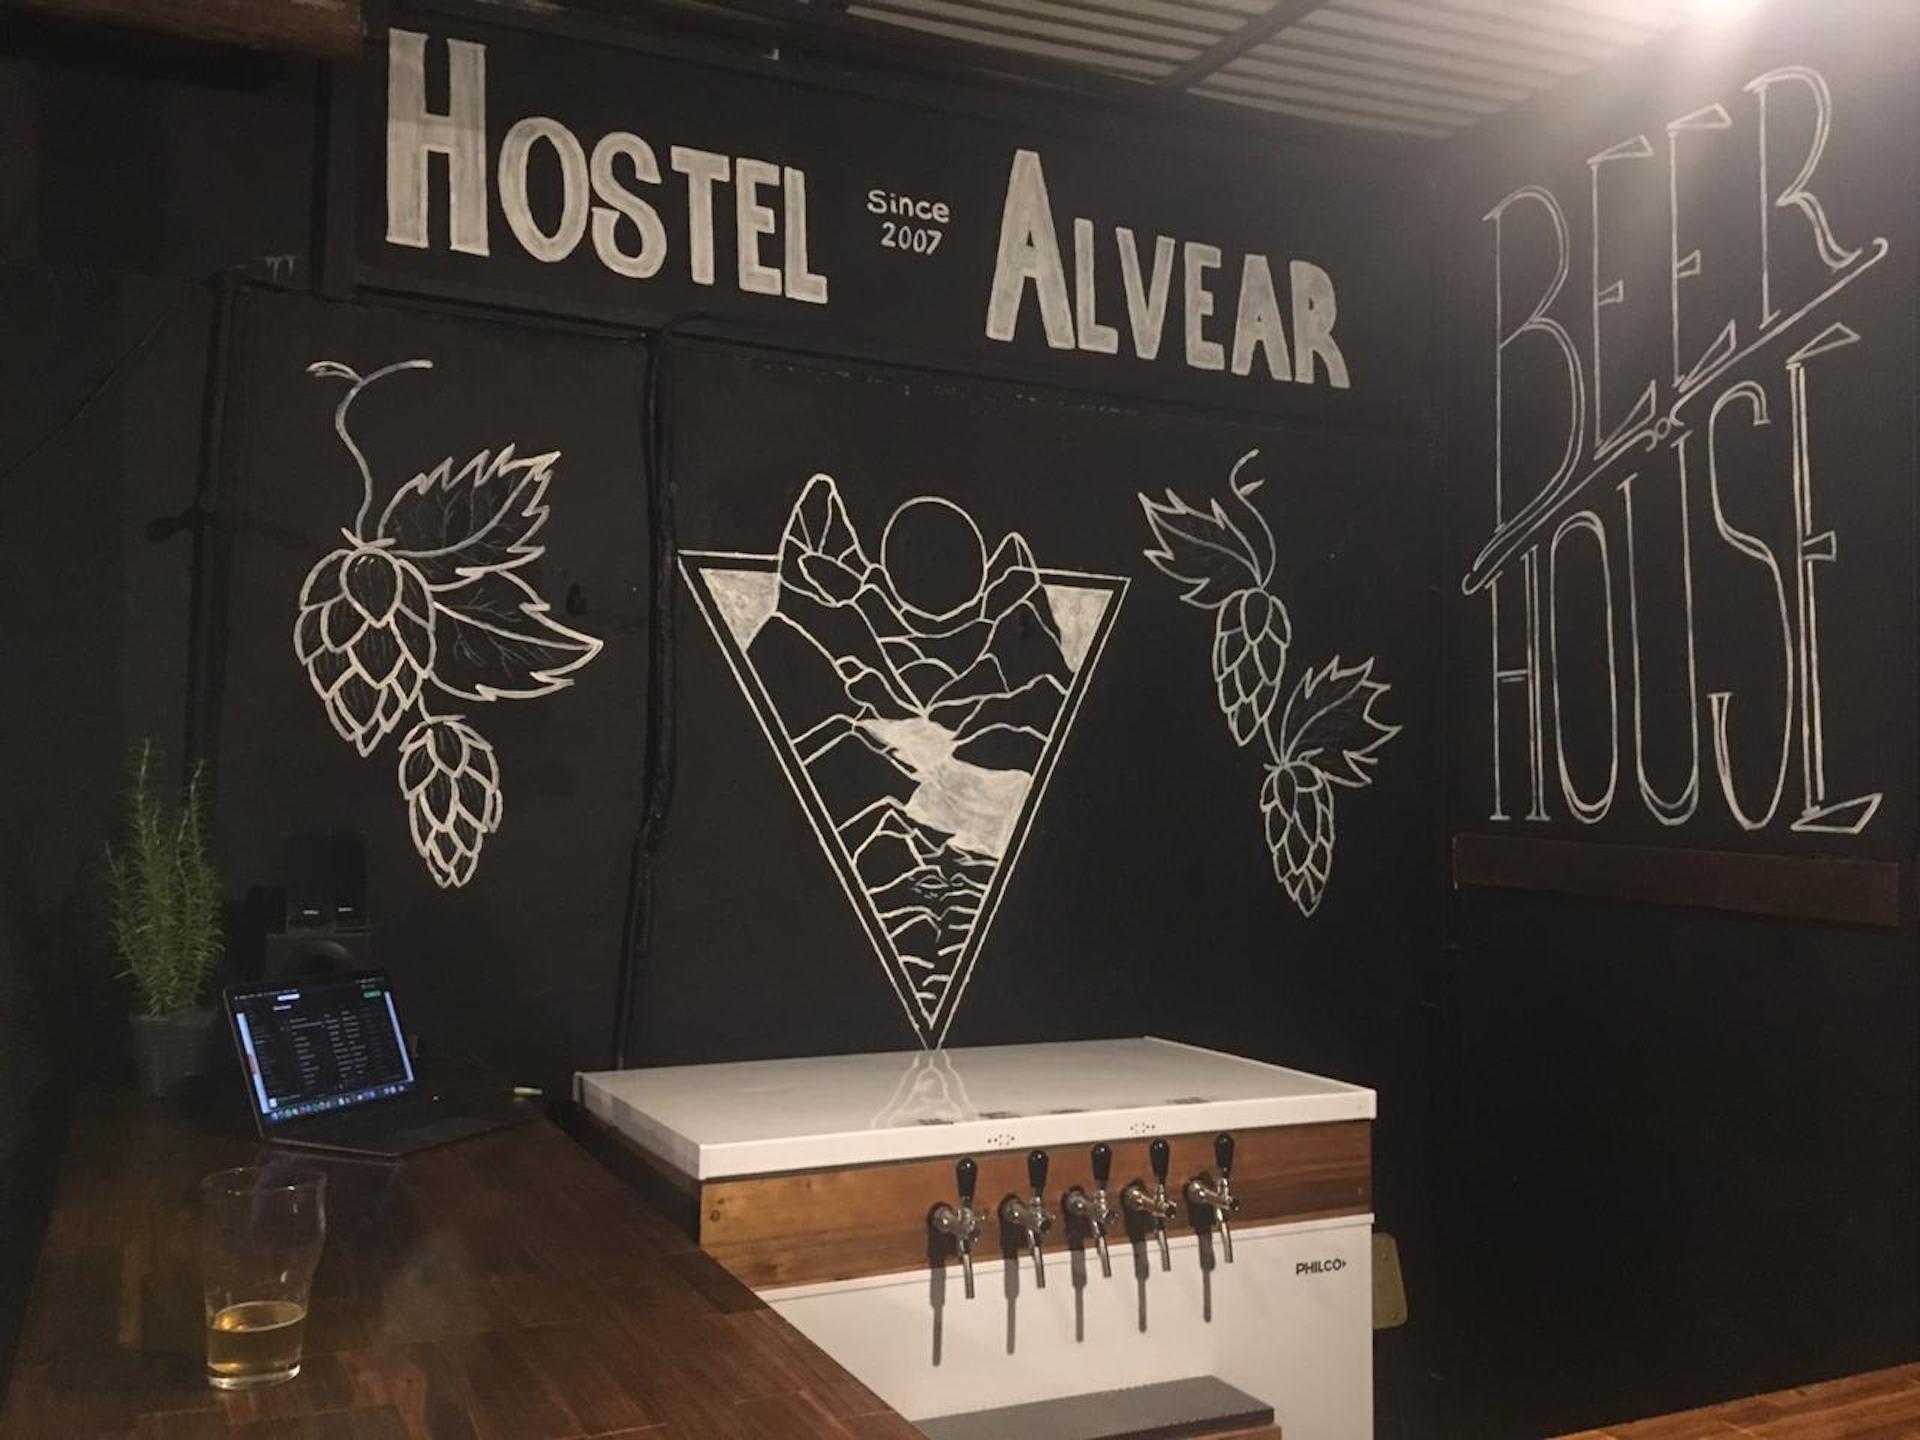 HOSTEL - Alvear Hostel